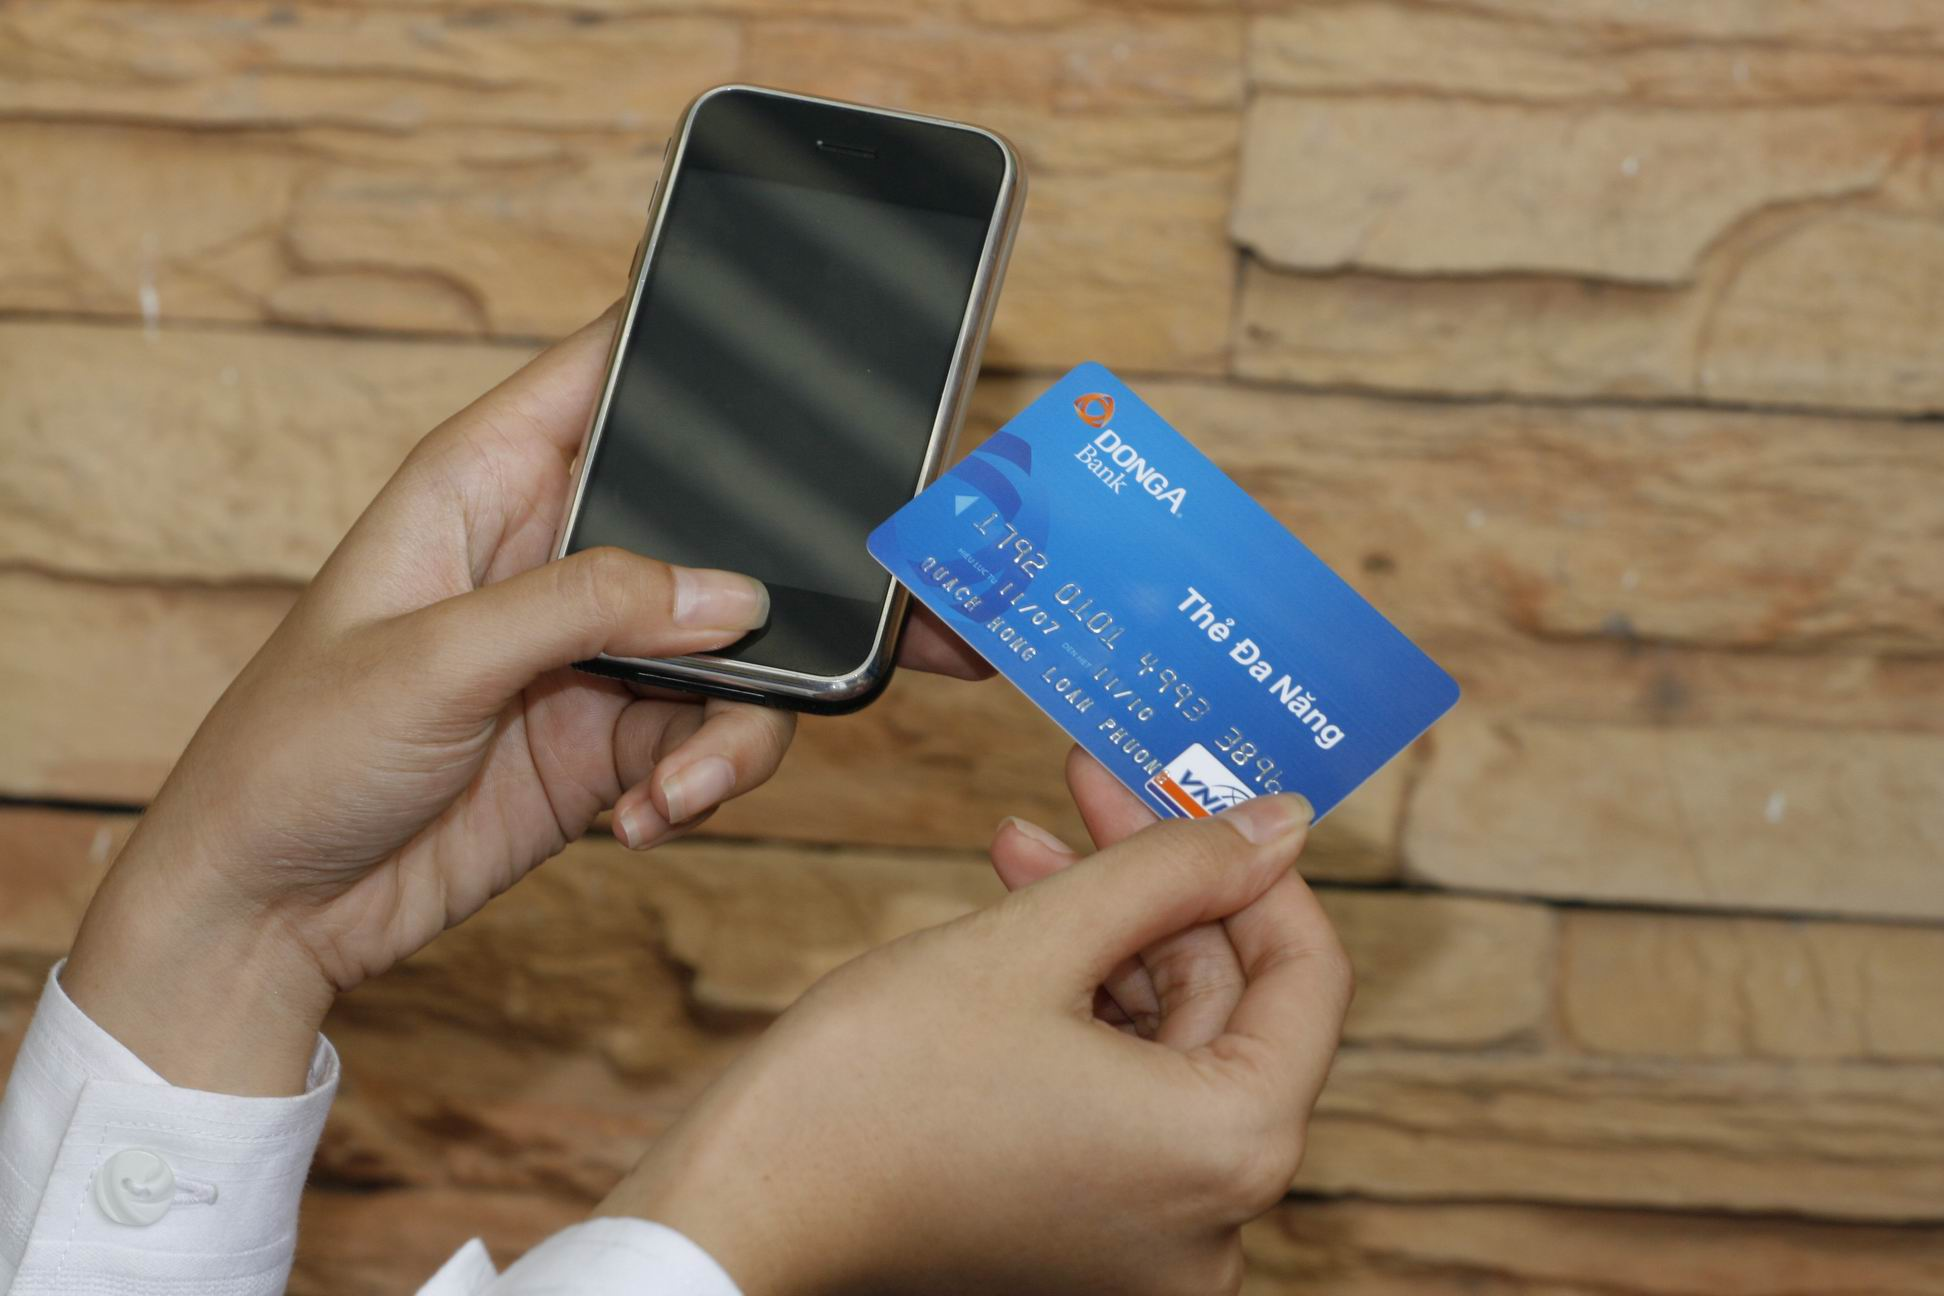 Giao dịch với DongA Bank bằng điện thoại IPhone